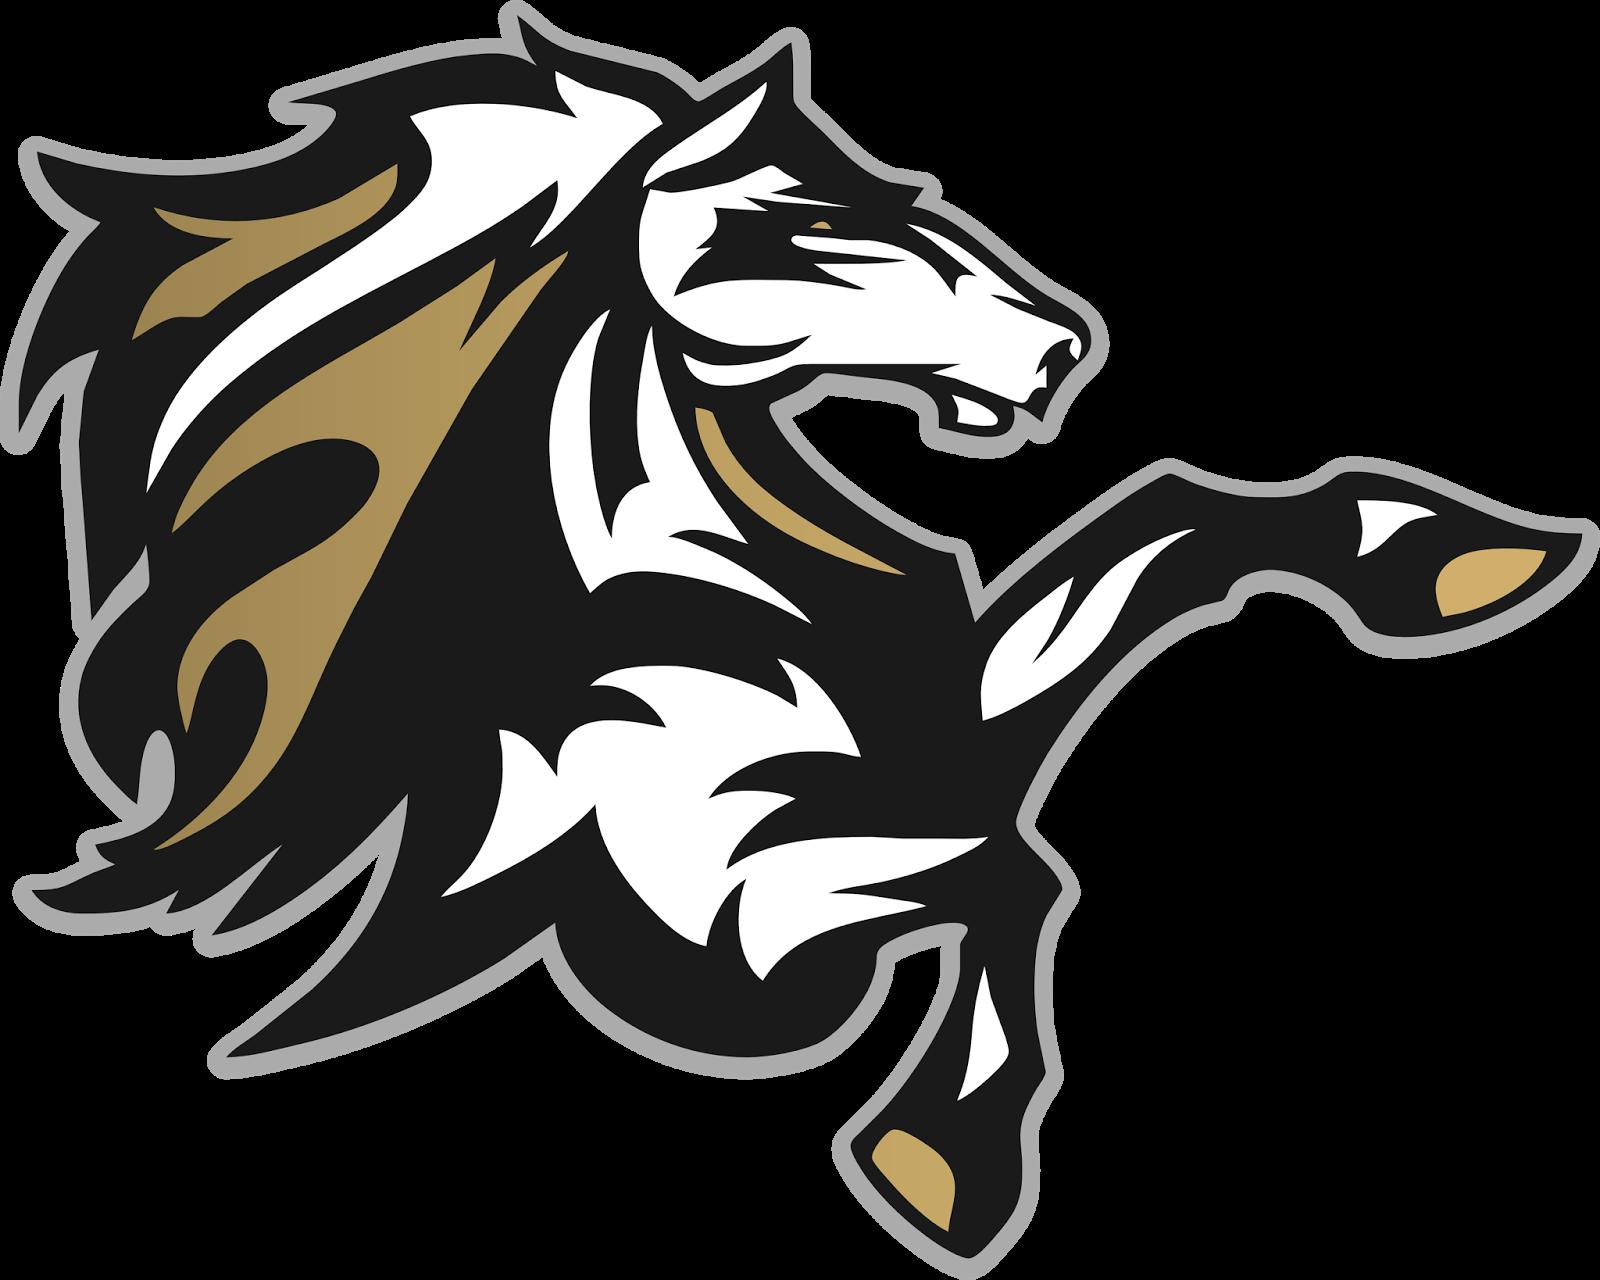 Pin by Chris Basten on StallionsMustangs Logos Mascot